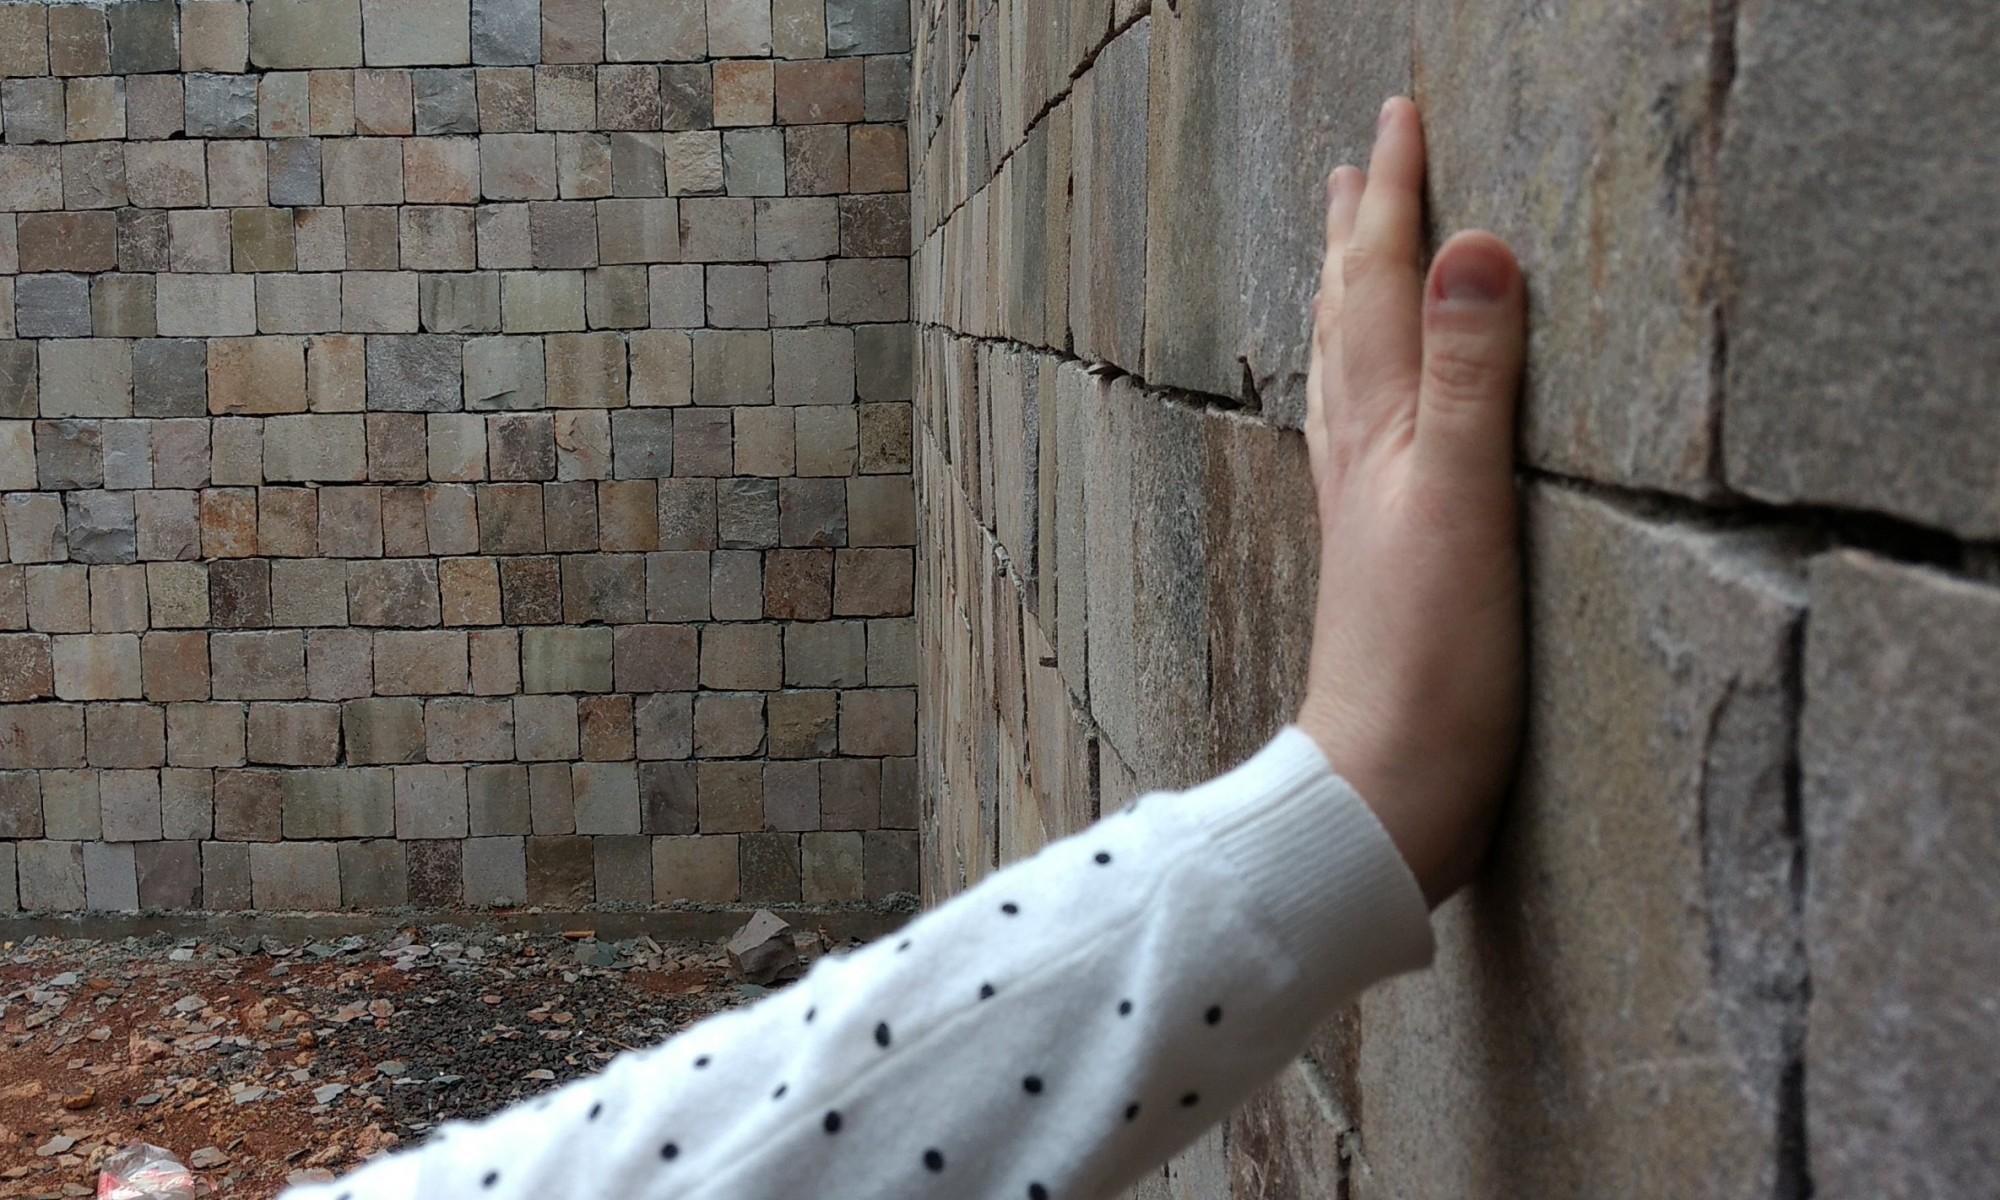 Uma mão apoiada em um muro de pedra, com vários escombros no chão